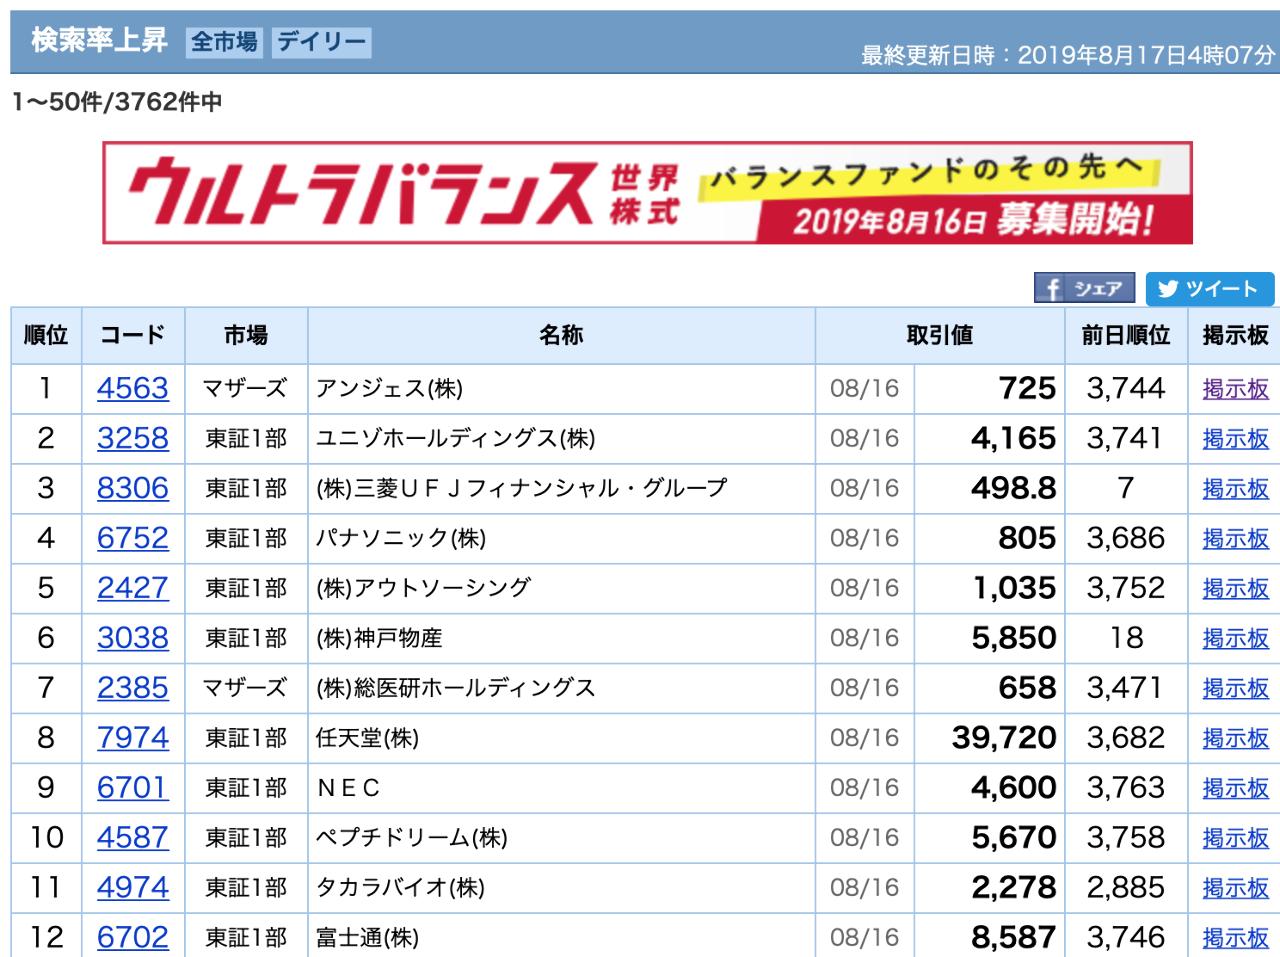 4563 - アンジェス(株) 前日検索率ランキング3744位から 一気に検索率ランキング1位!? 皆さん、日本初の遺伝子治療承認の